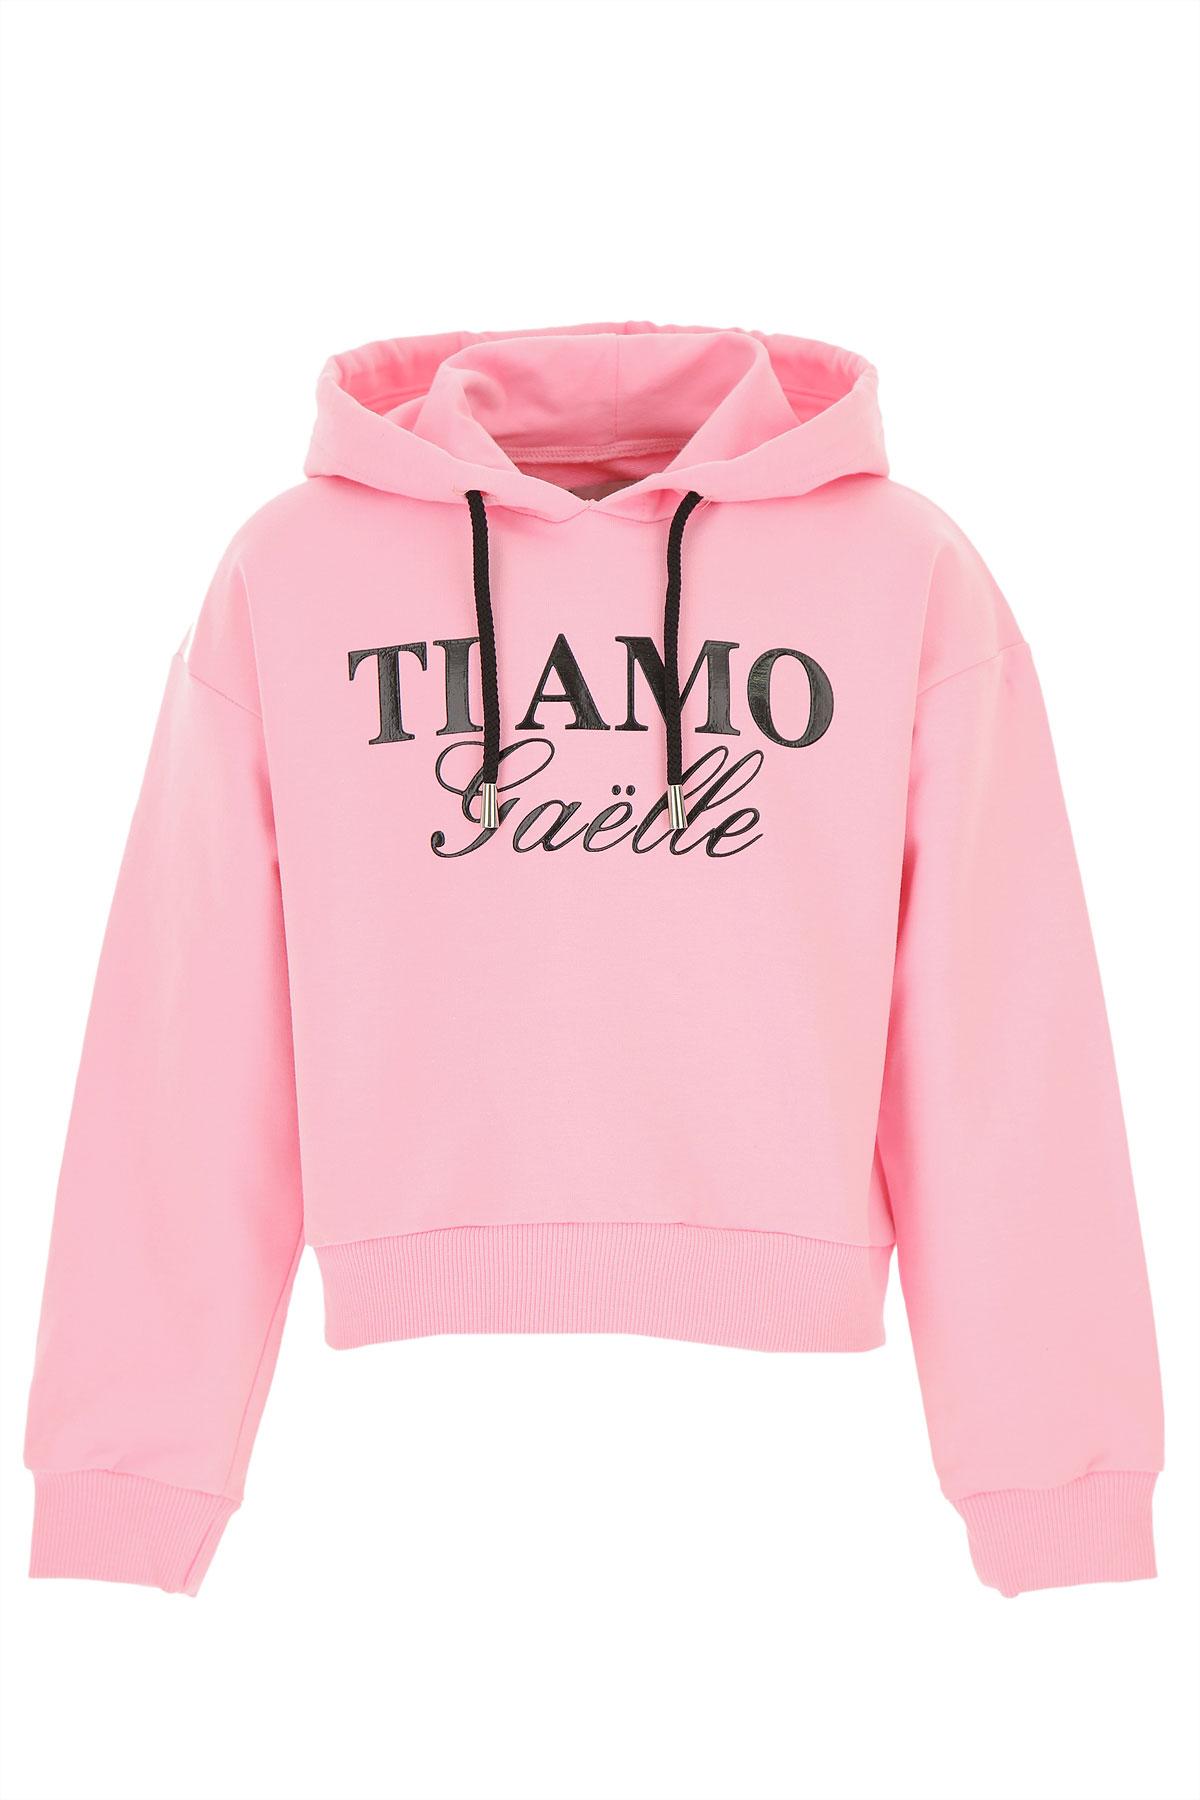 Gaelle Kids Sweatshirts & Hoodies for Girls On Sale, Pink, Cotton, 2019, 12Y 14Y 4Y 6Y 8Y